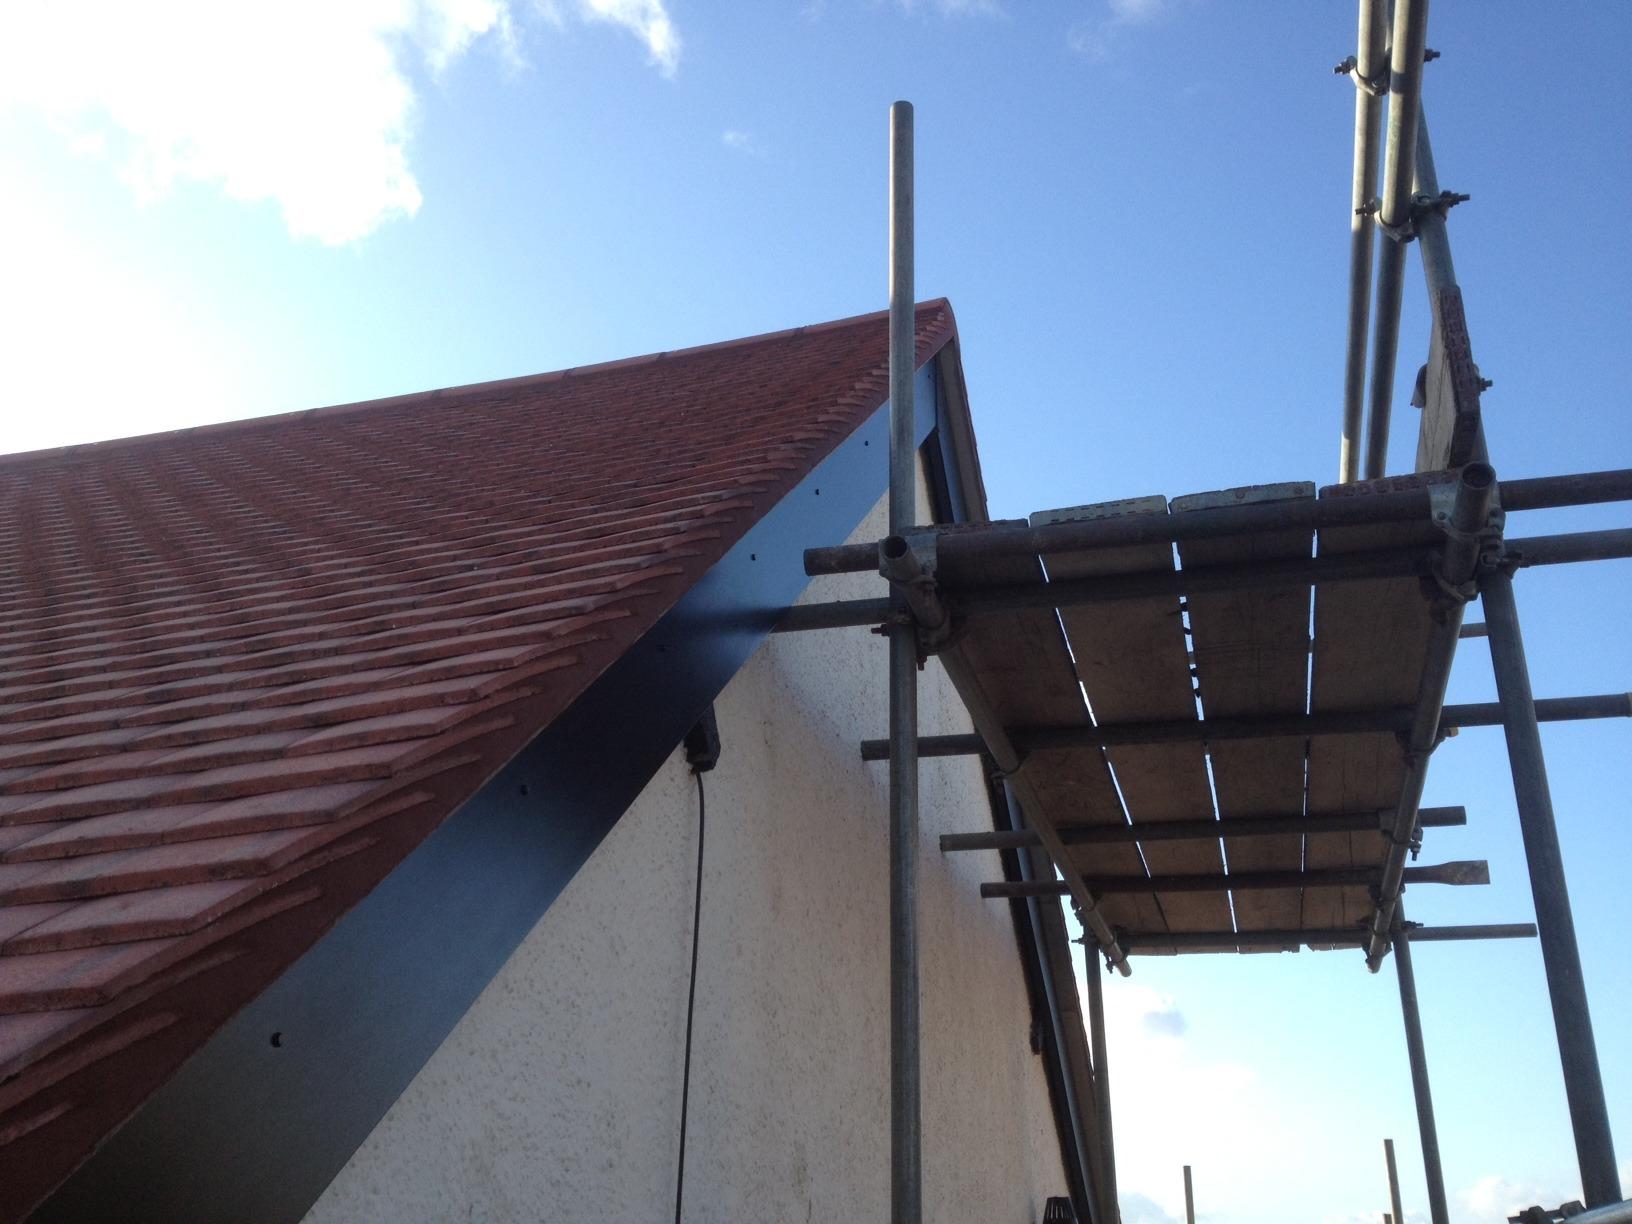 New Tiled Roof Installation Cheltenham Amp Gloucester Cladding